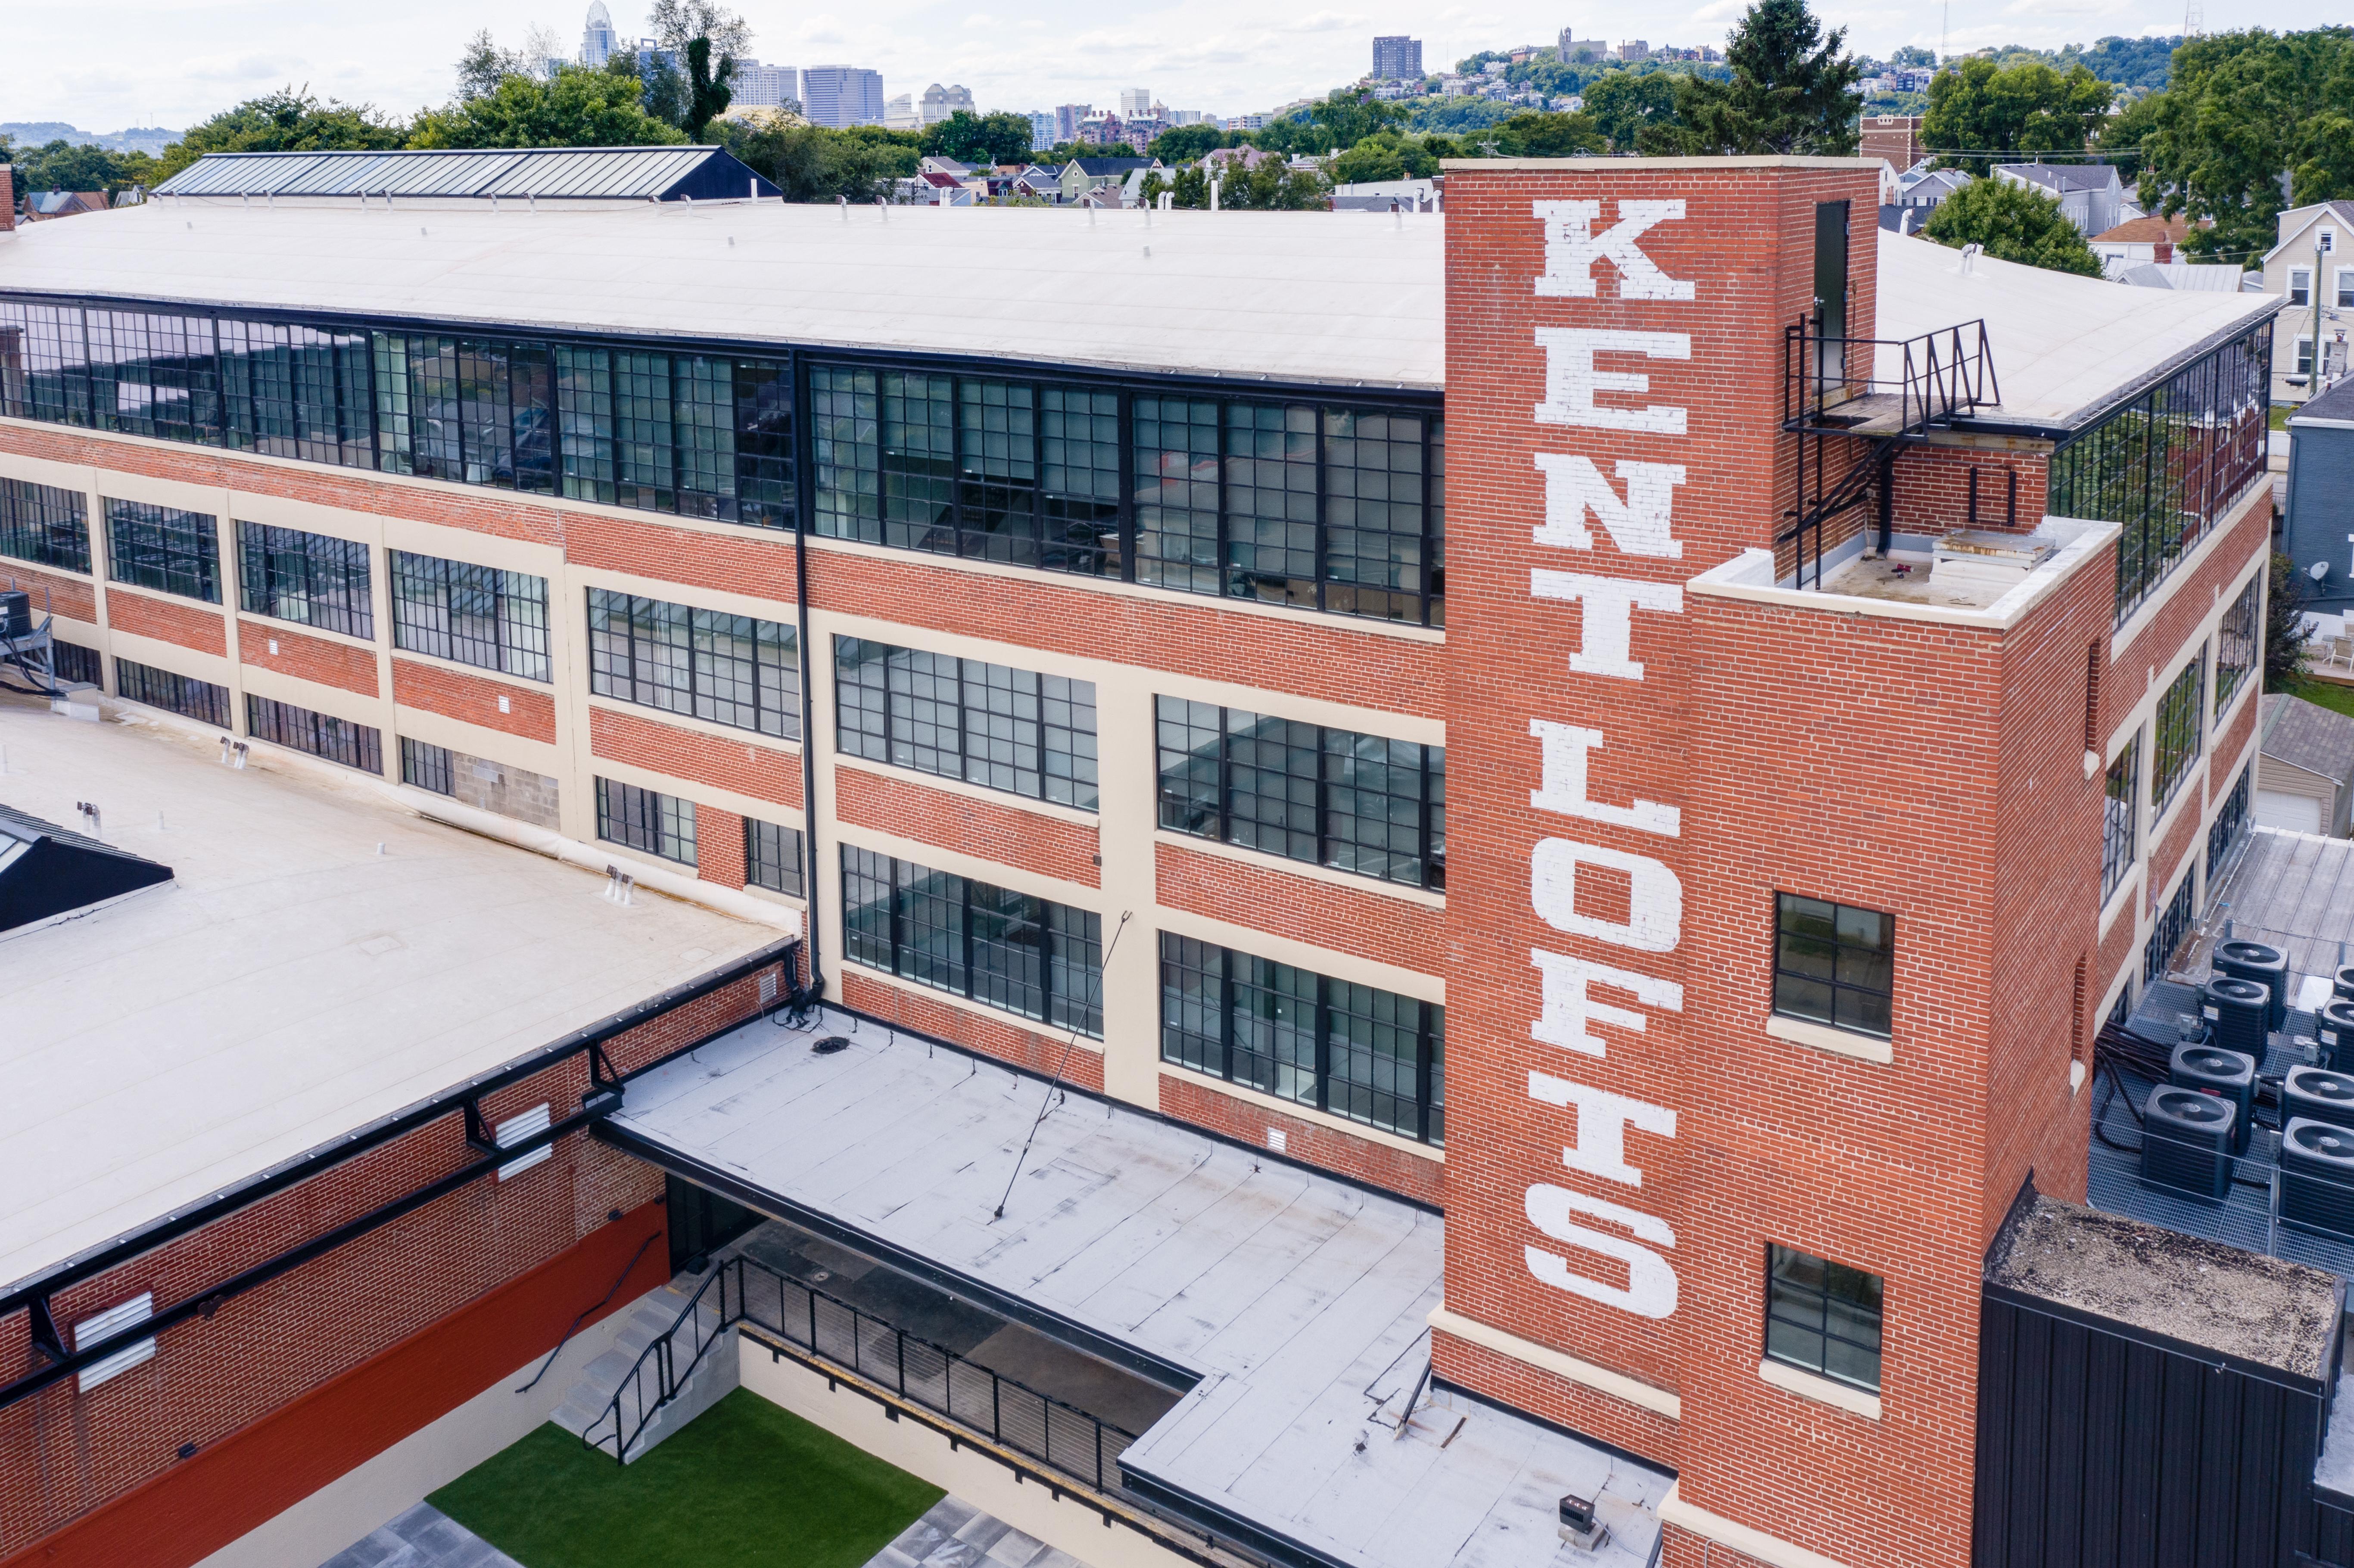 Exterior of Kent Lofts Building